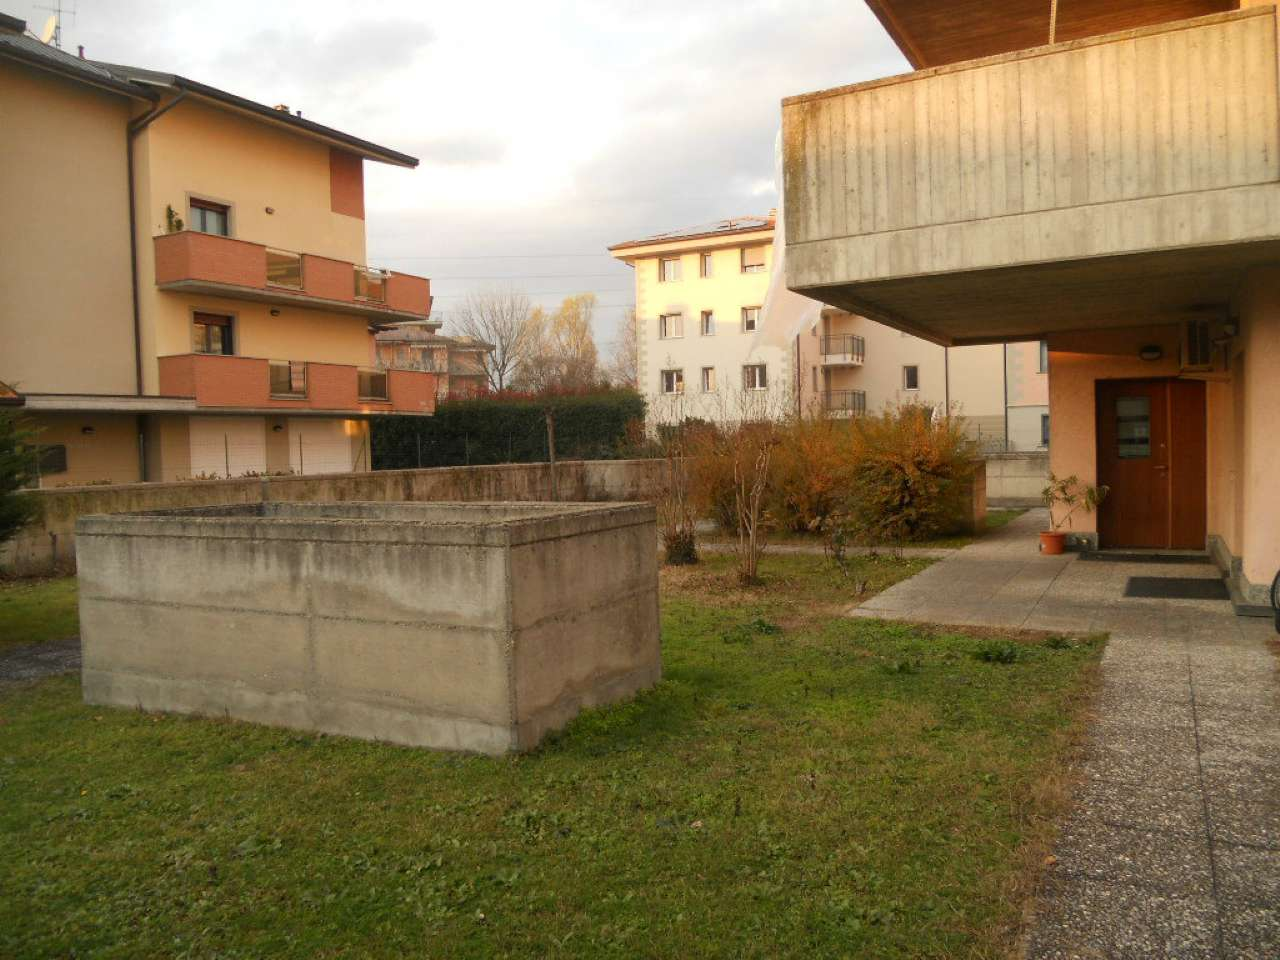 Ufficio / Studio in affitto a Lodi, 1 locali, prezzo € 450 | CambioCasa.it